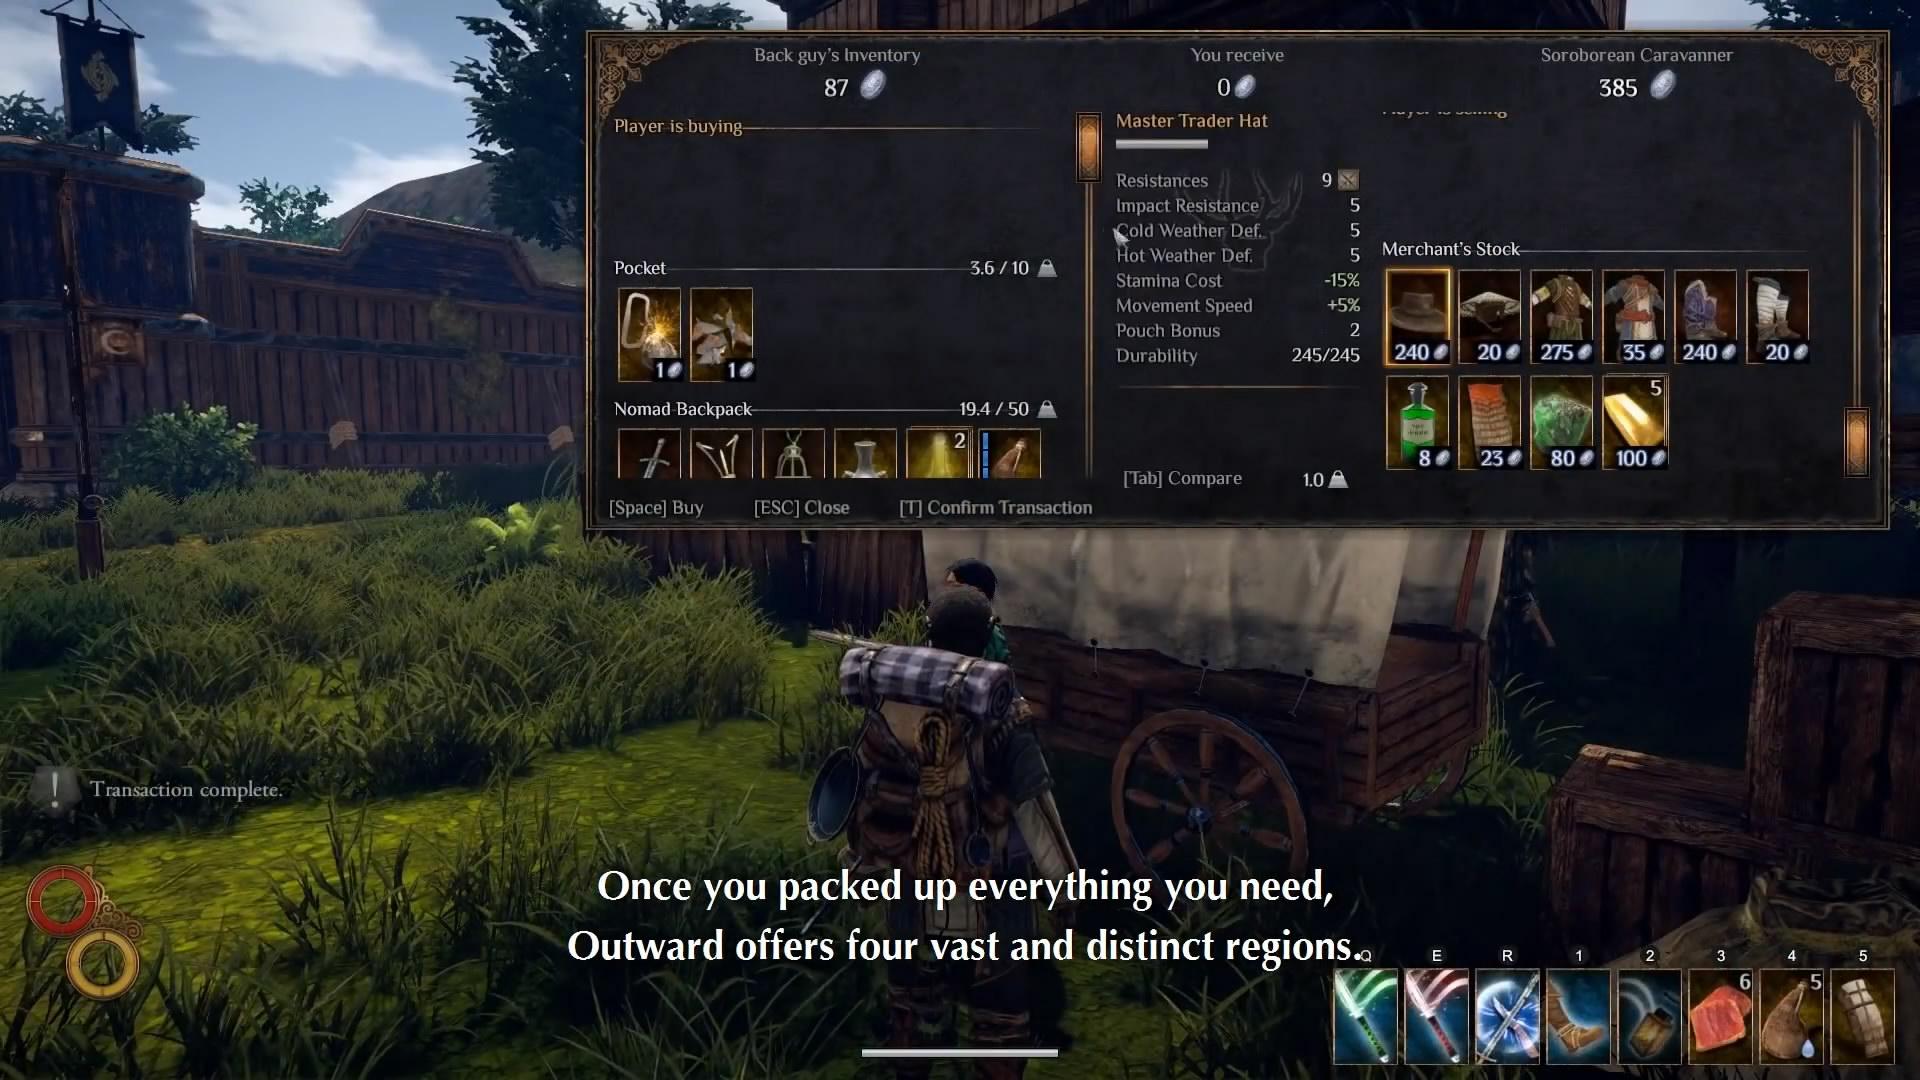 游戏新消息:开放世界RPG物质世界新视频独特背包系统介绍